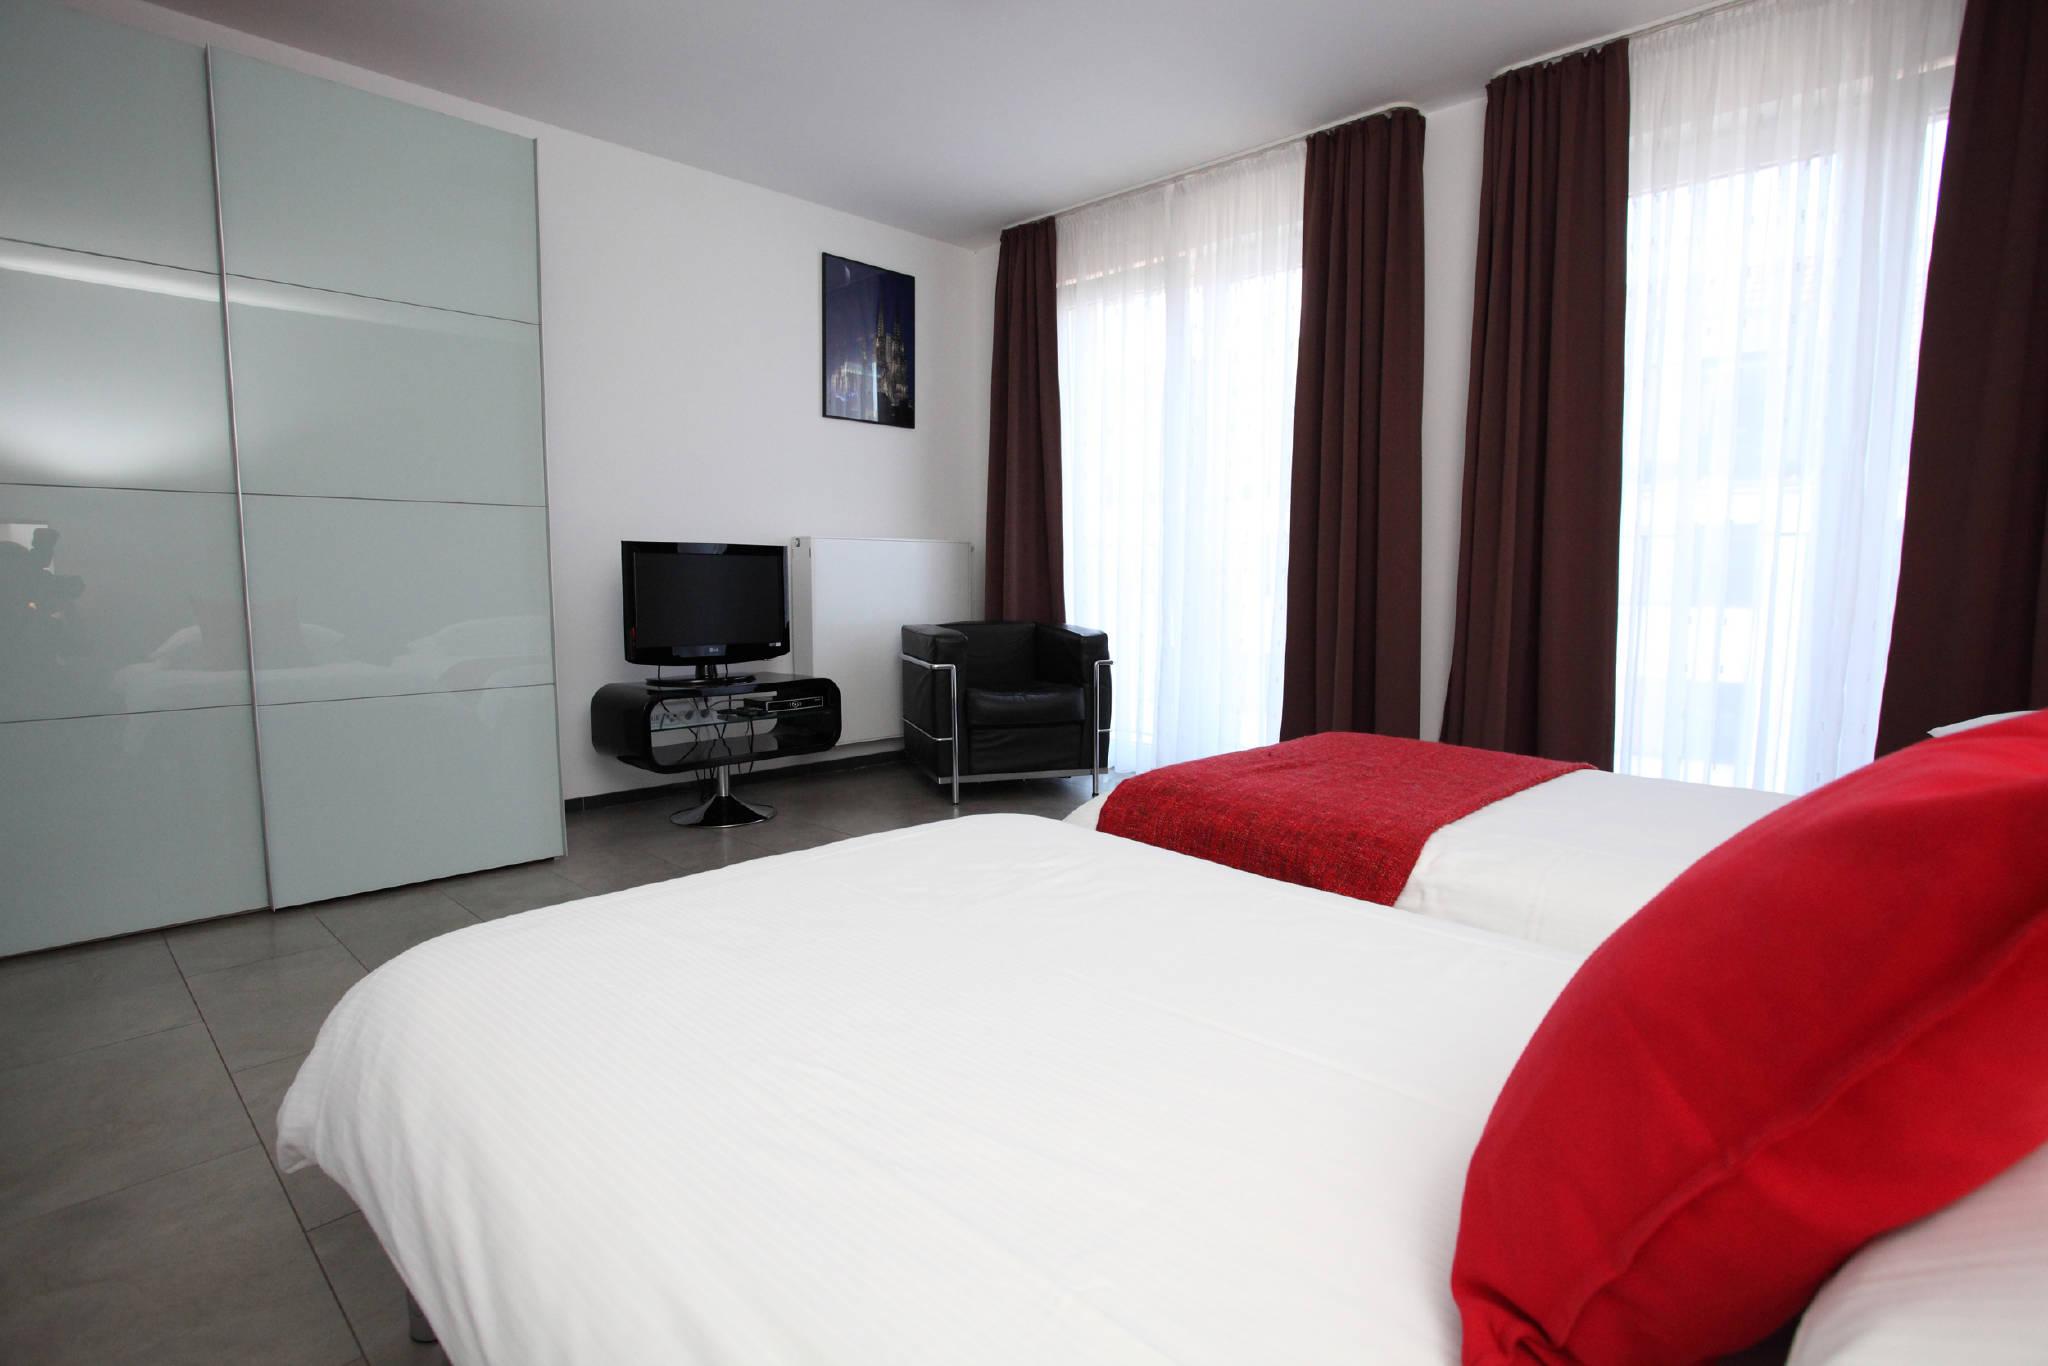 Ferienwohnungen Köln - 2-Zimmer Wohnung in Köln Nordrhein ...